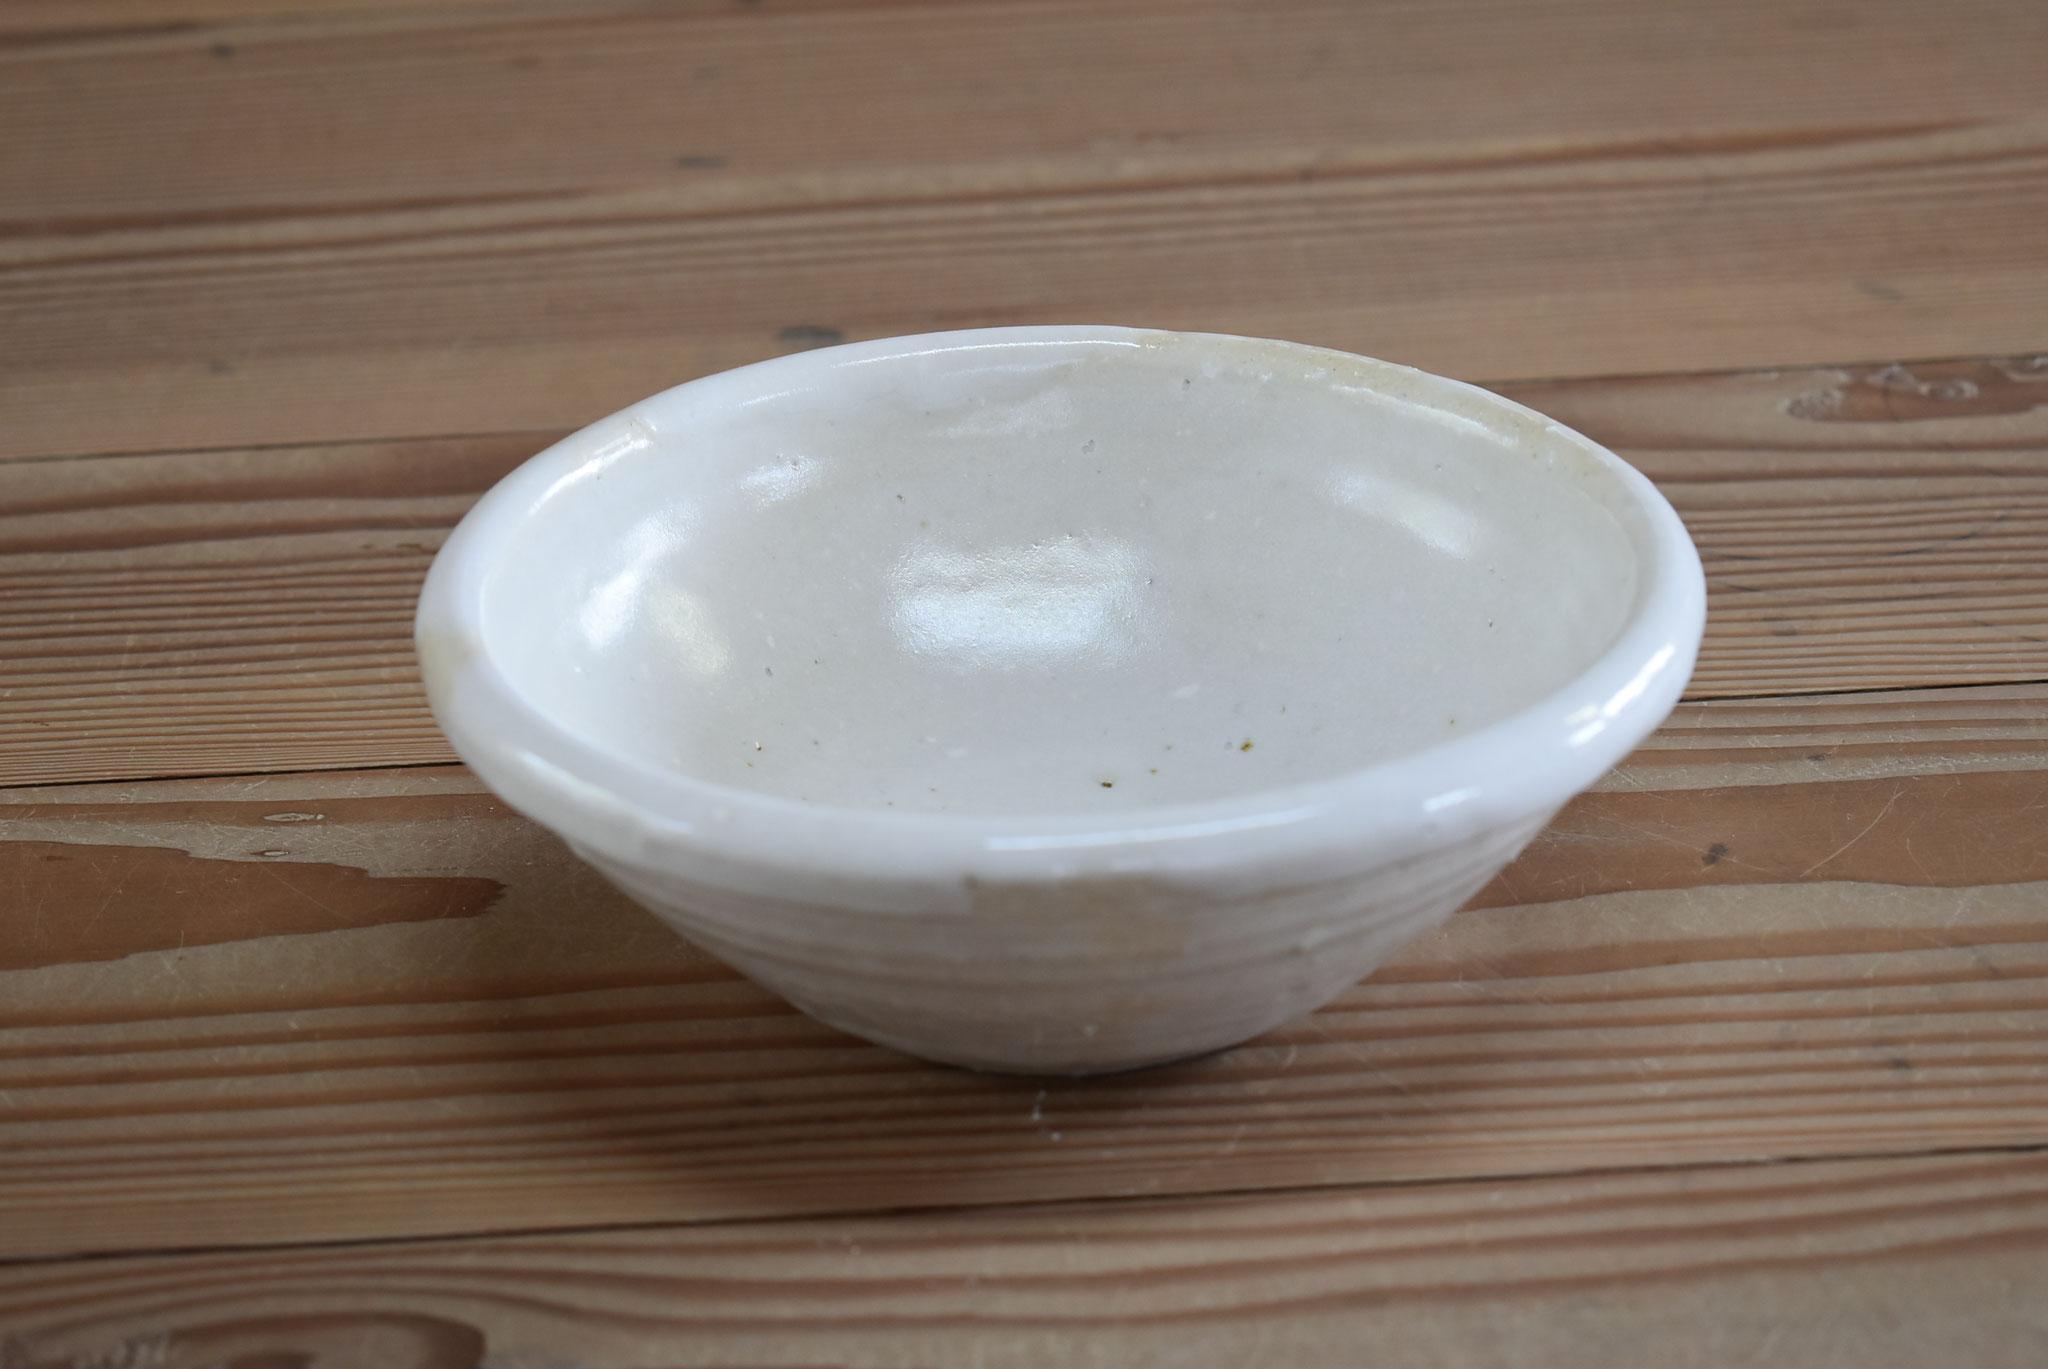 中鉢:粗い白土に白マット釉